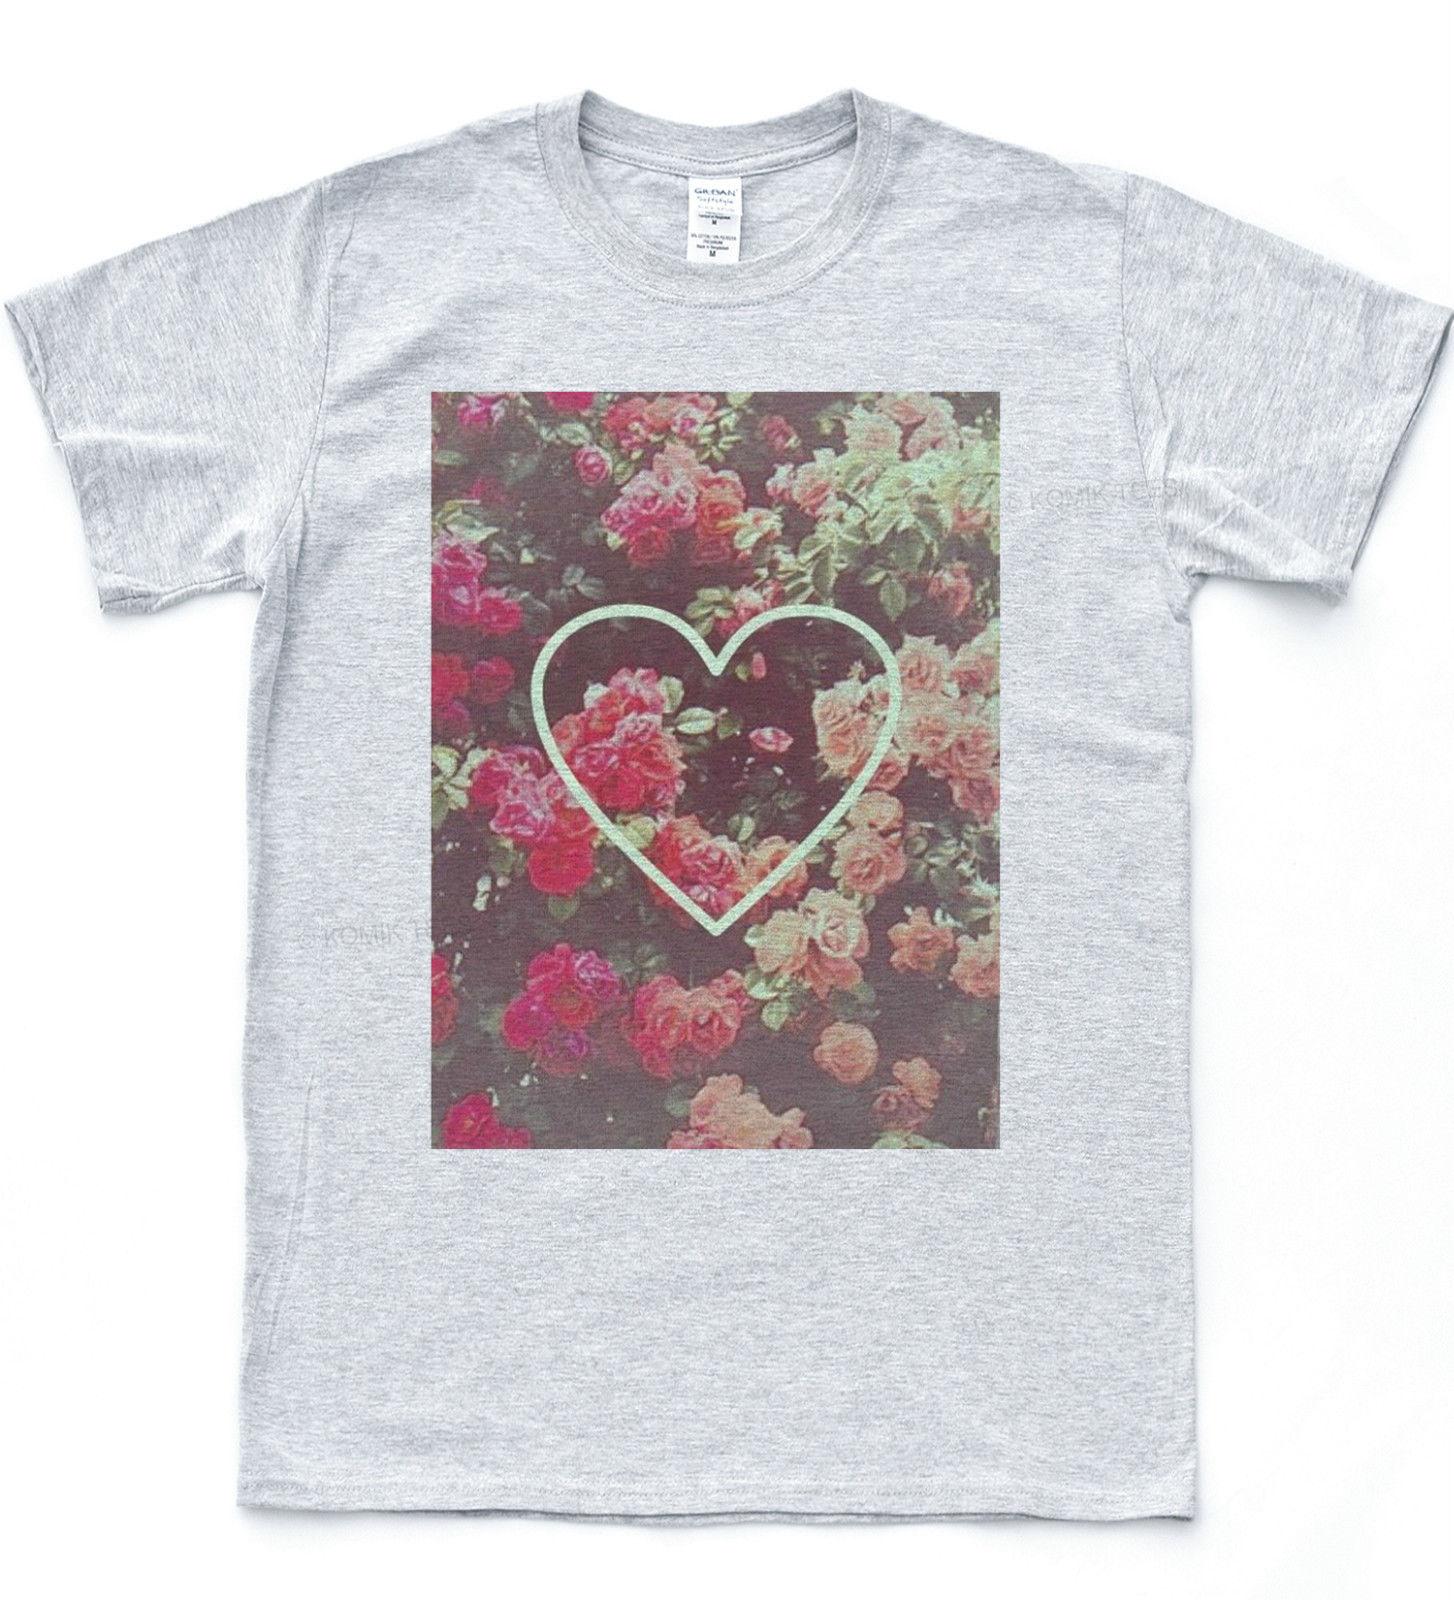 Rose Love Heart T Shirt